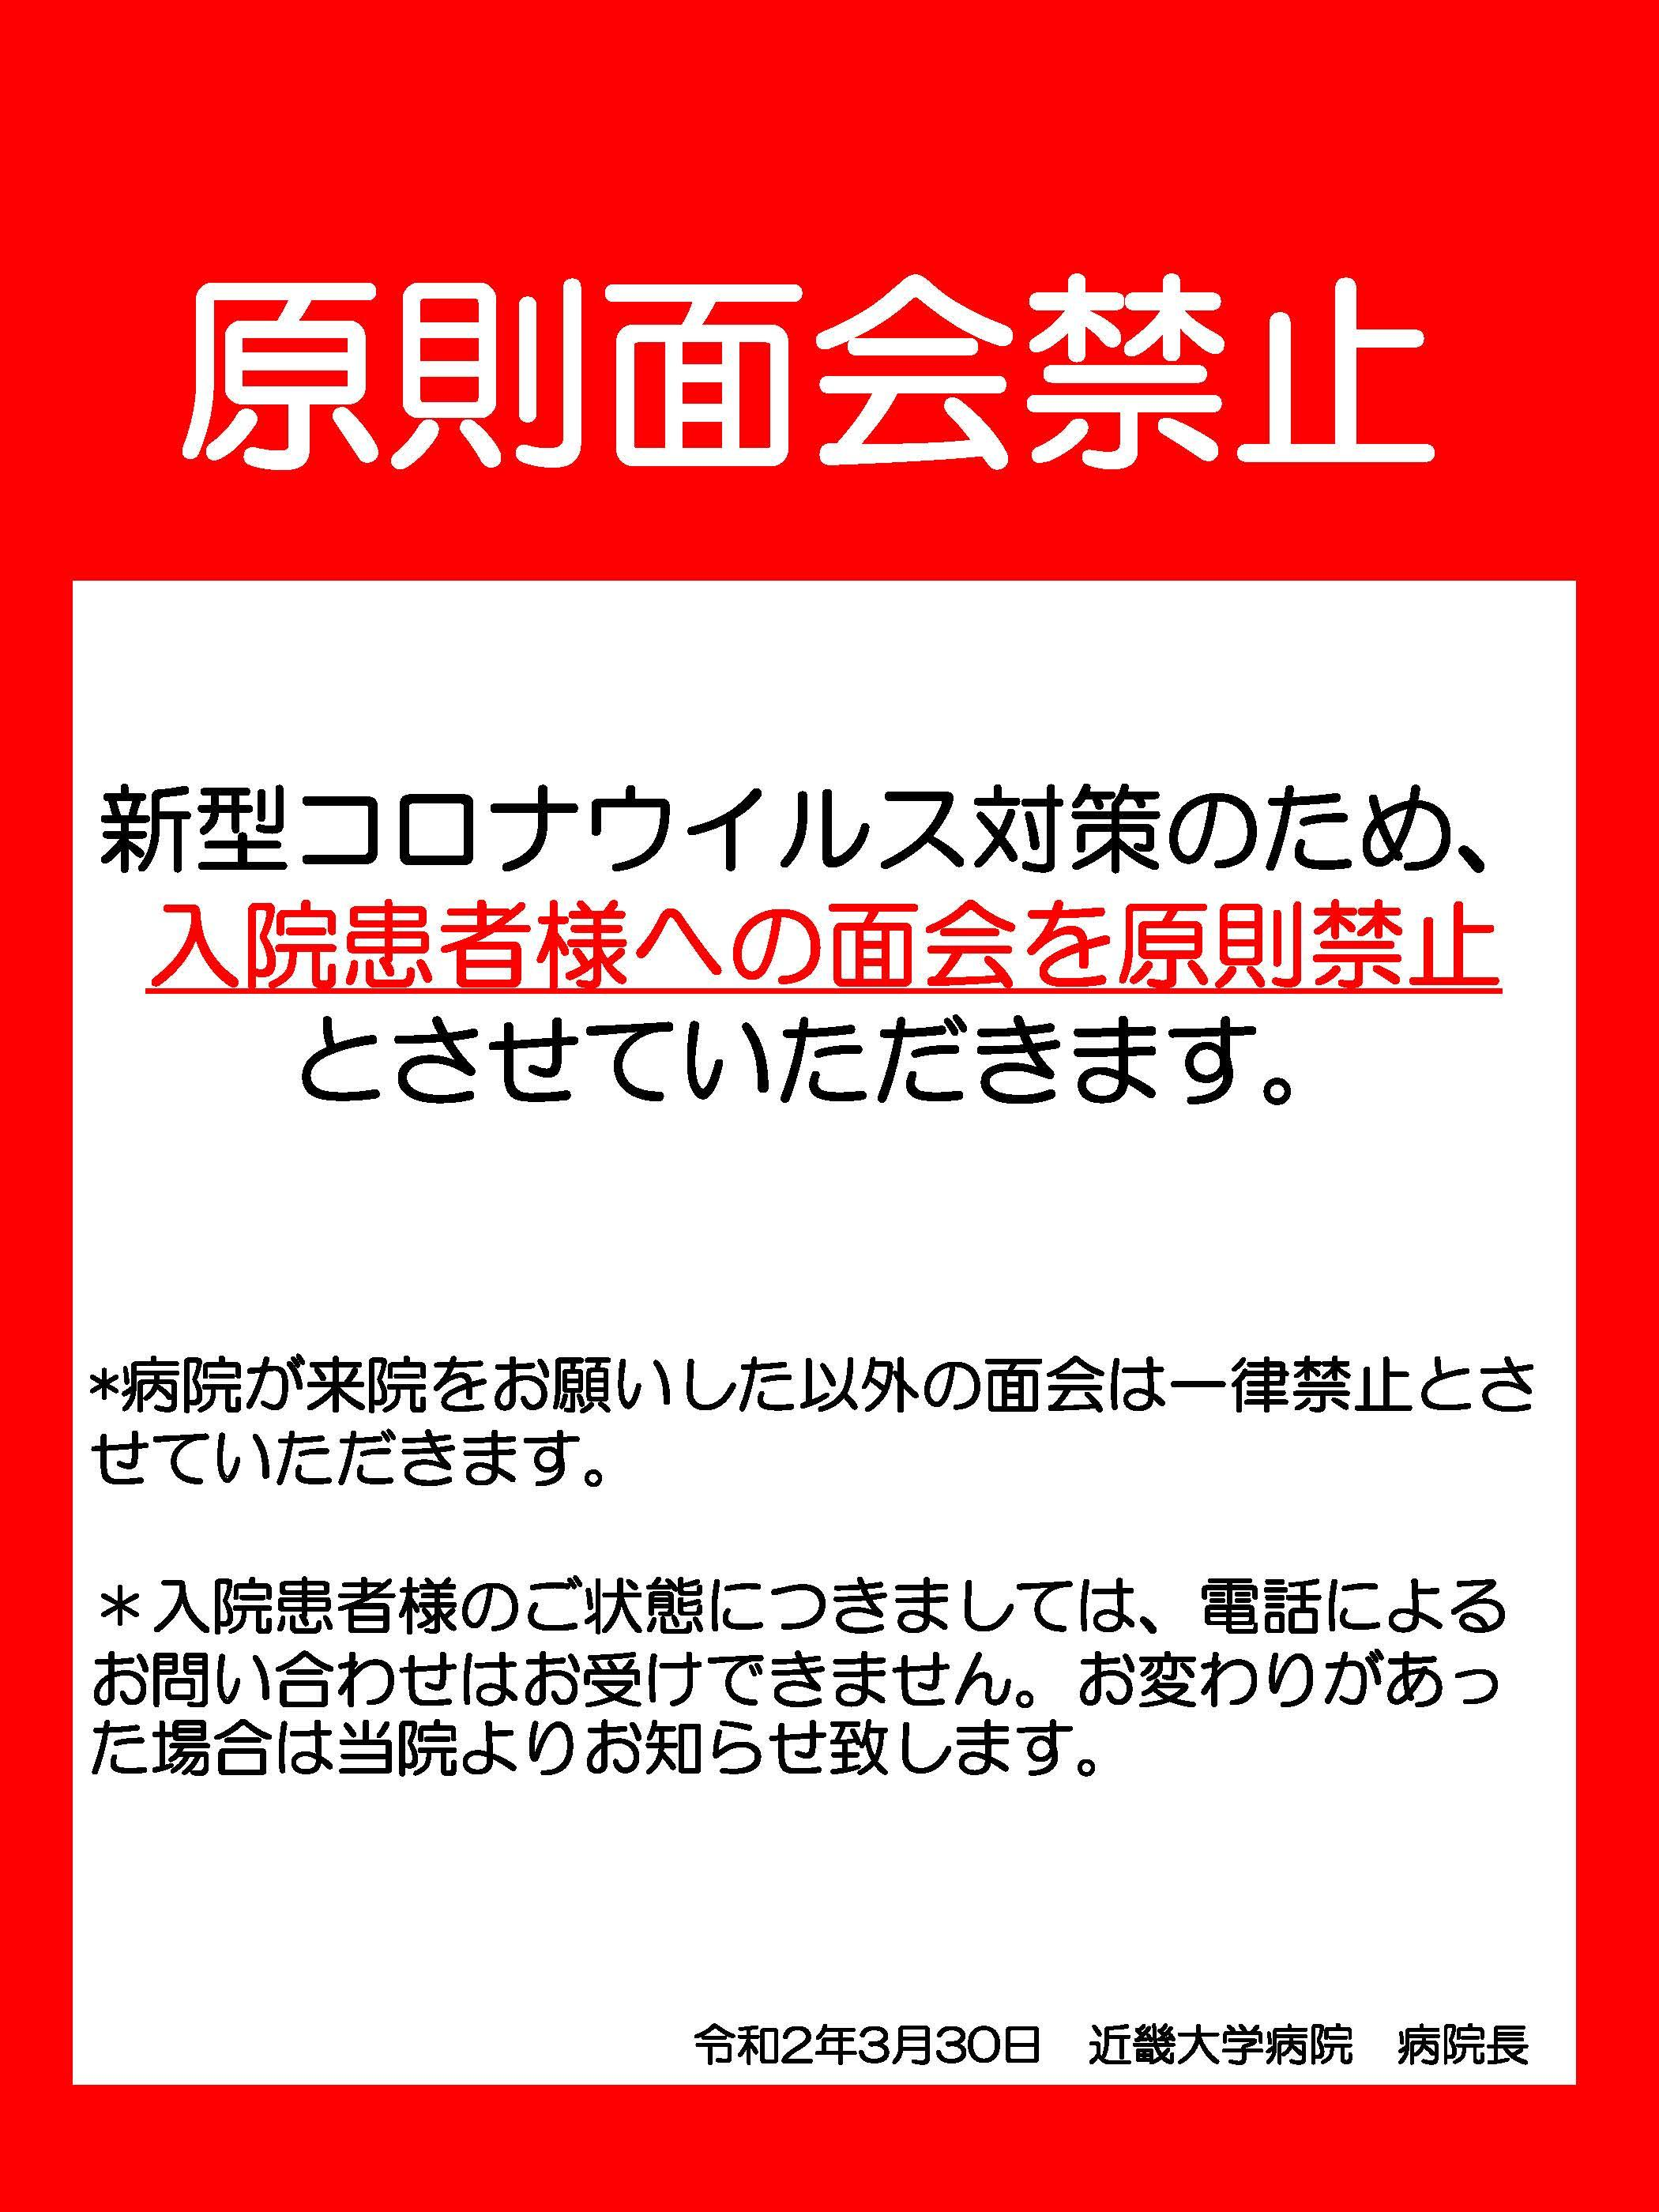 面会禁止ポスター(20200330).jpg